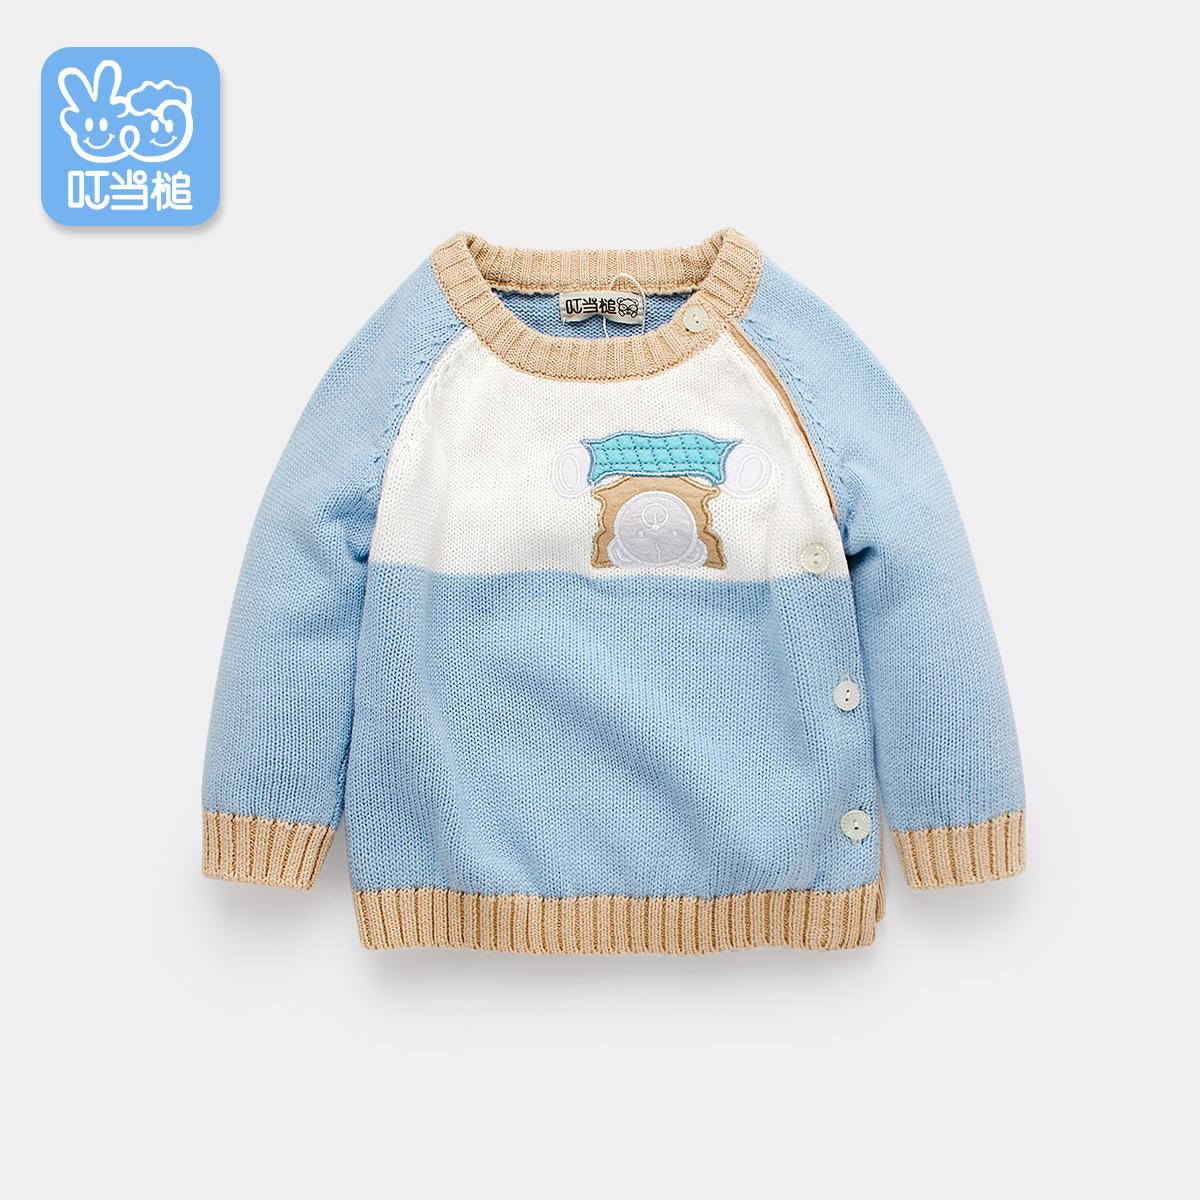 男宝宝秋装婴儿毛衣开衫纯棉卡通长袖小童毛衣打底针织衫男童衣服